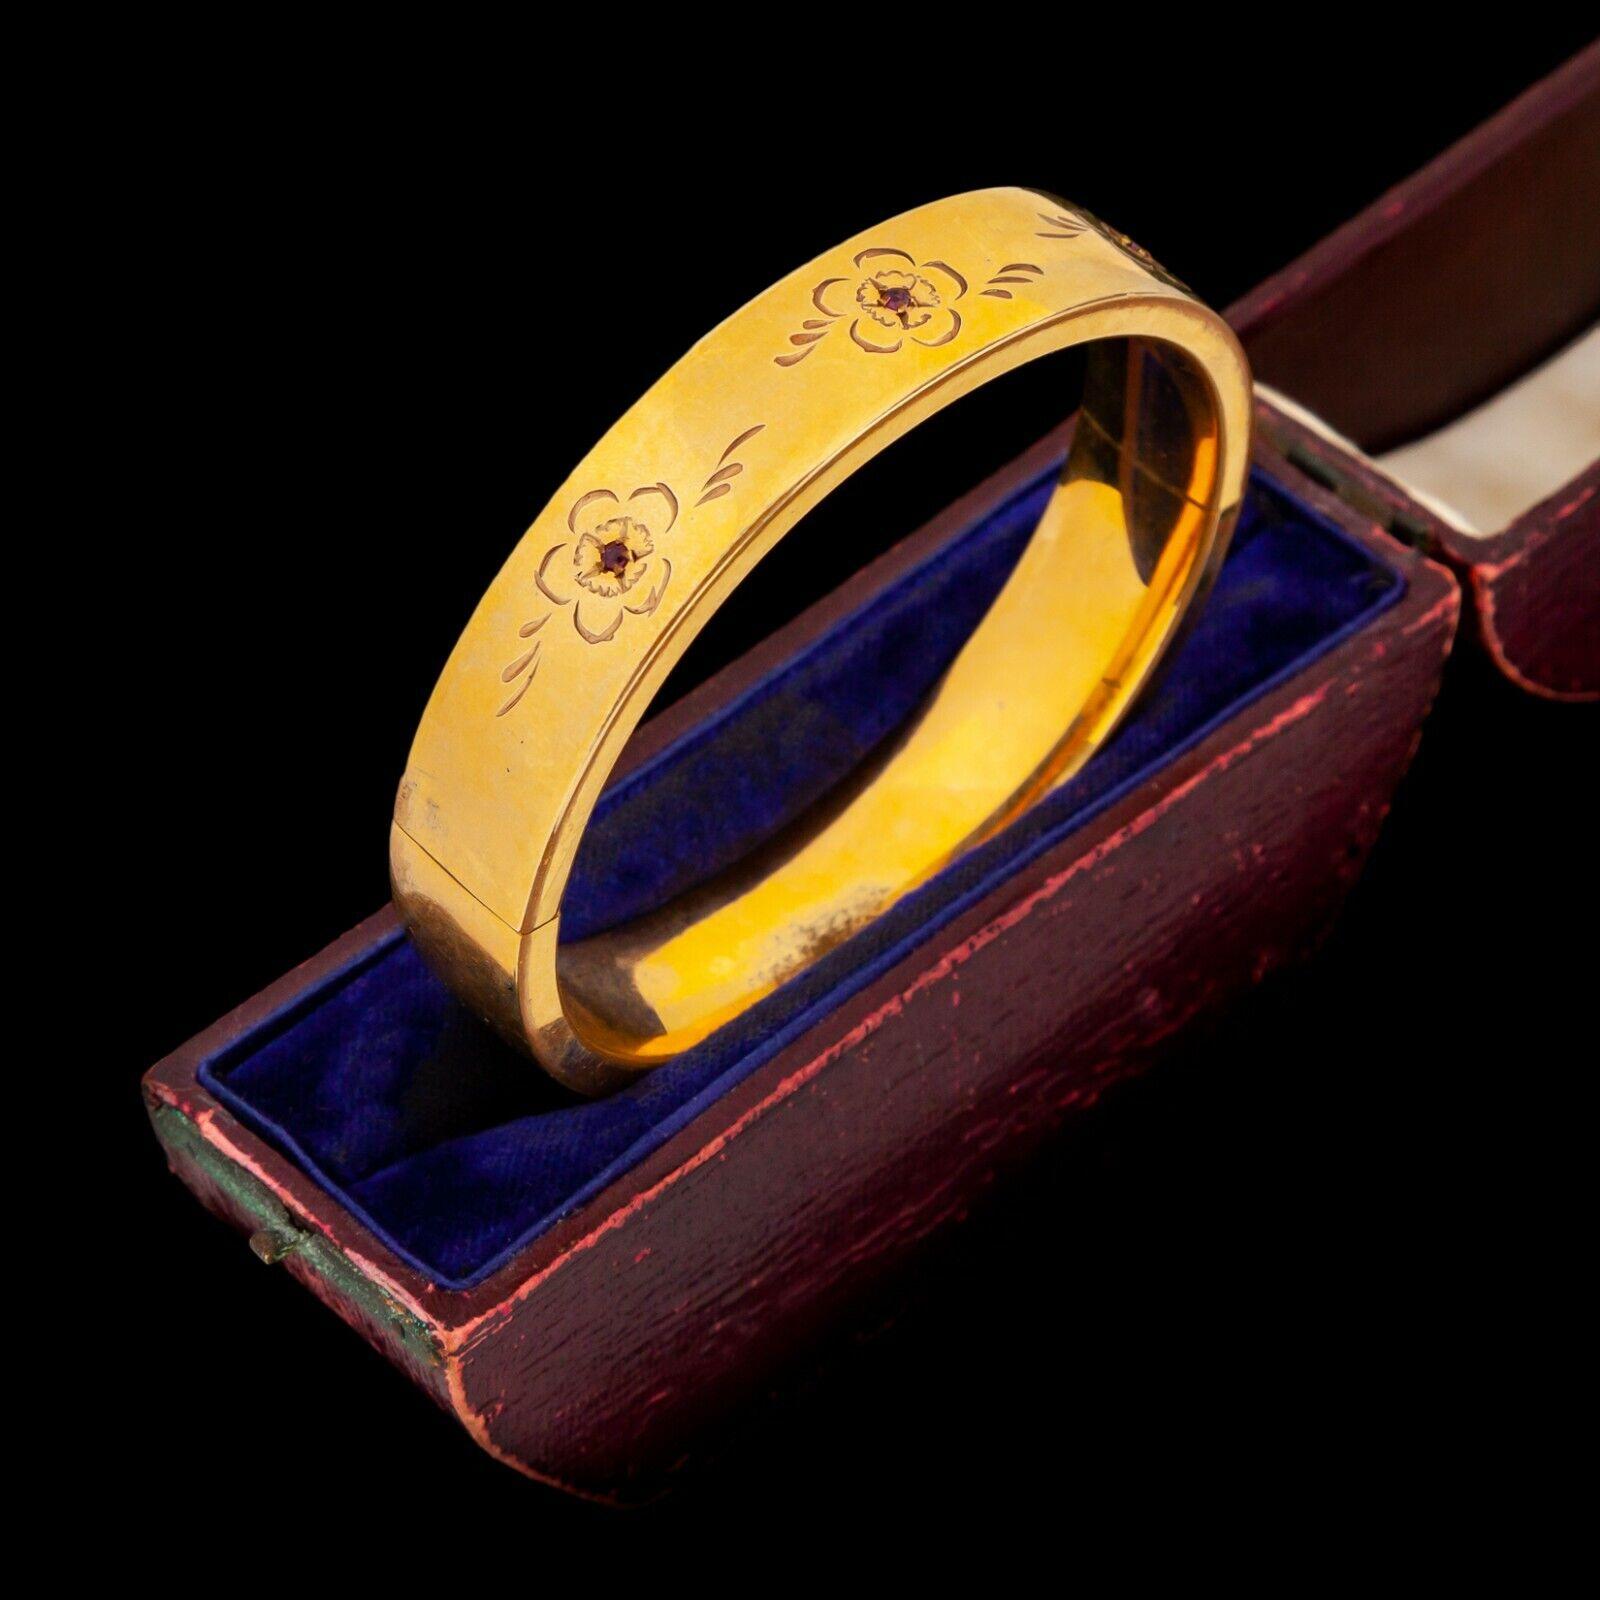 Antico Vintage Nouveau 12k 12k 12k oro Filled Giallo Gf Rubino Matrimonio 2b3b4e